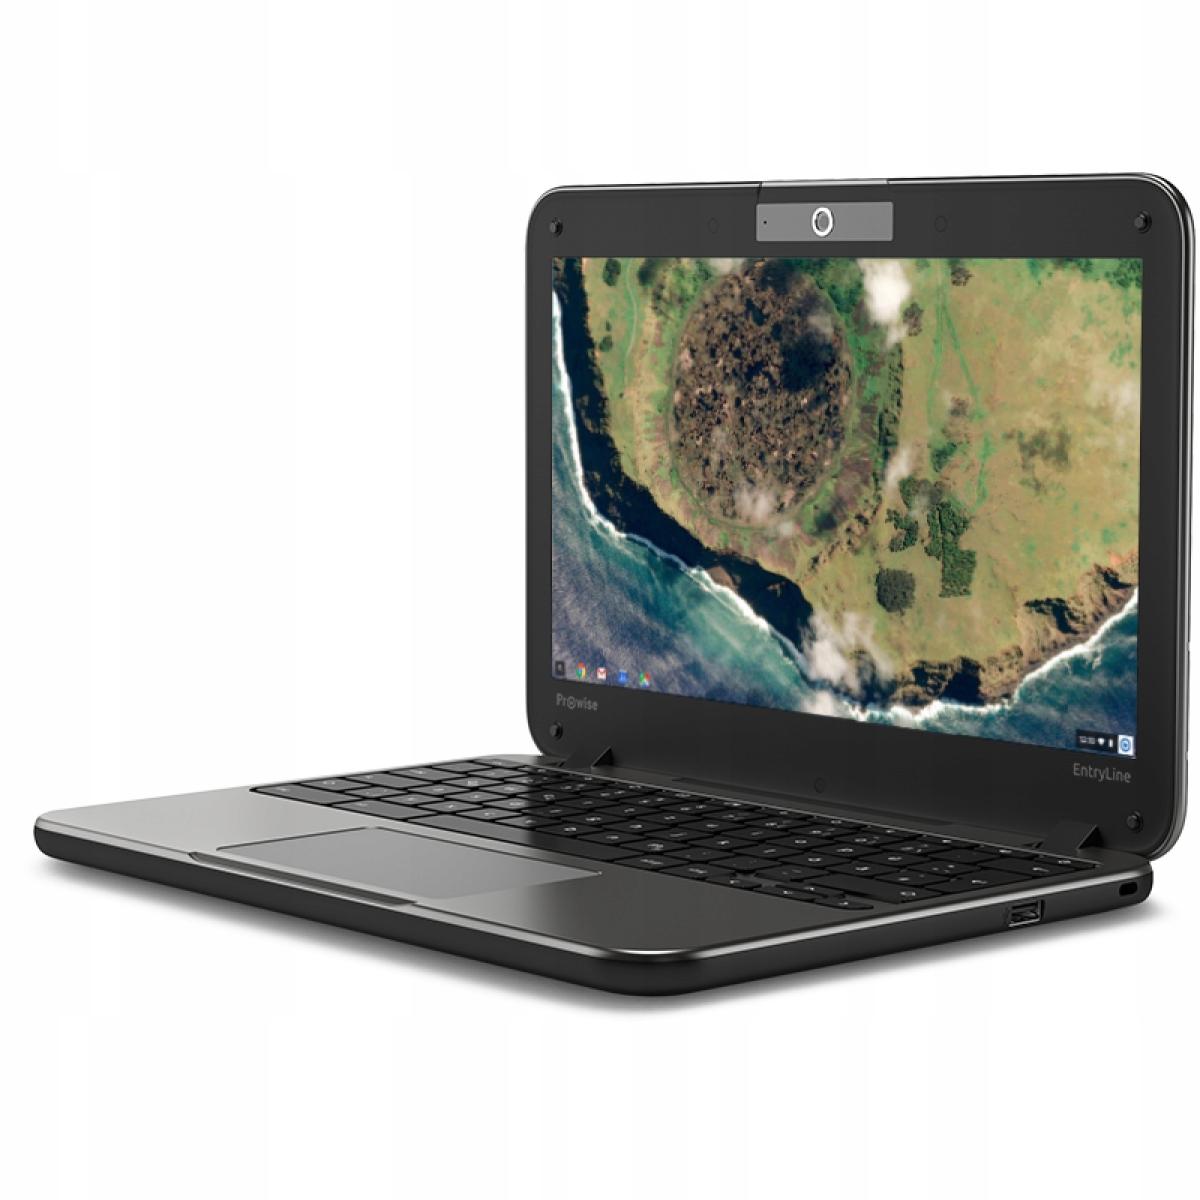 Laptop Intel N3060 2GB 16GB eMMC Chrome OS